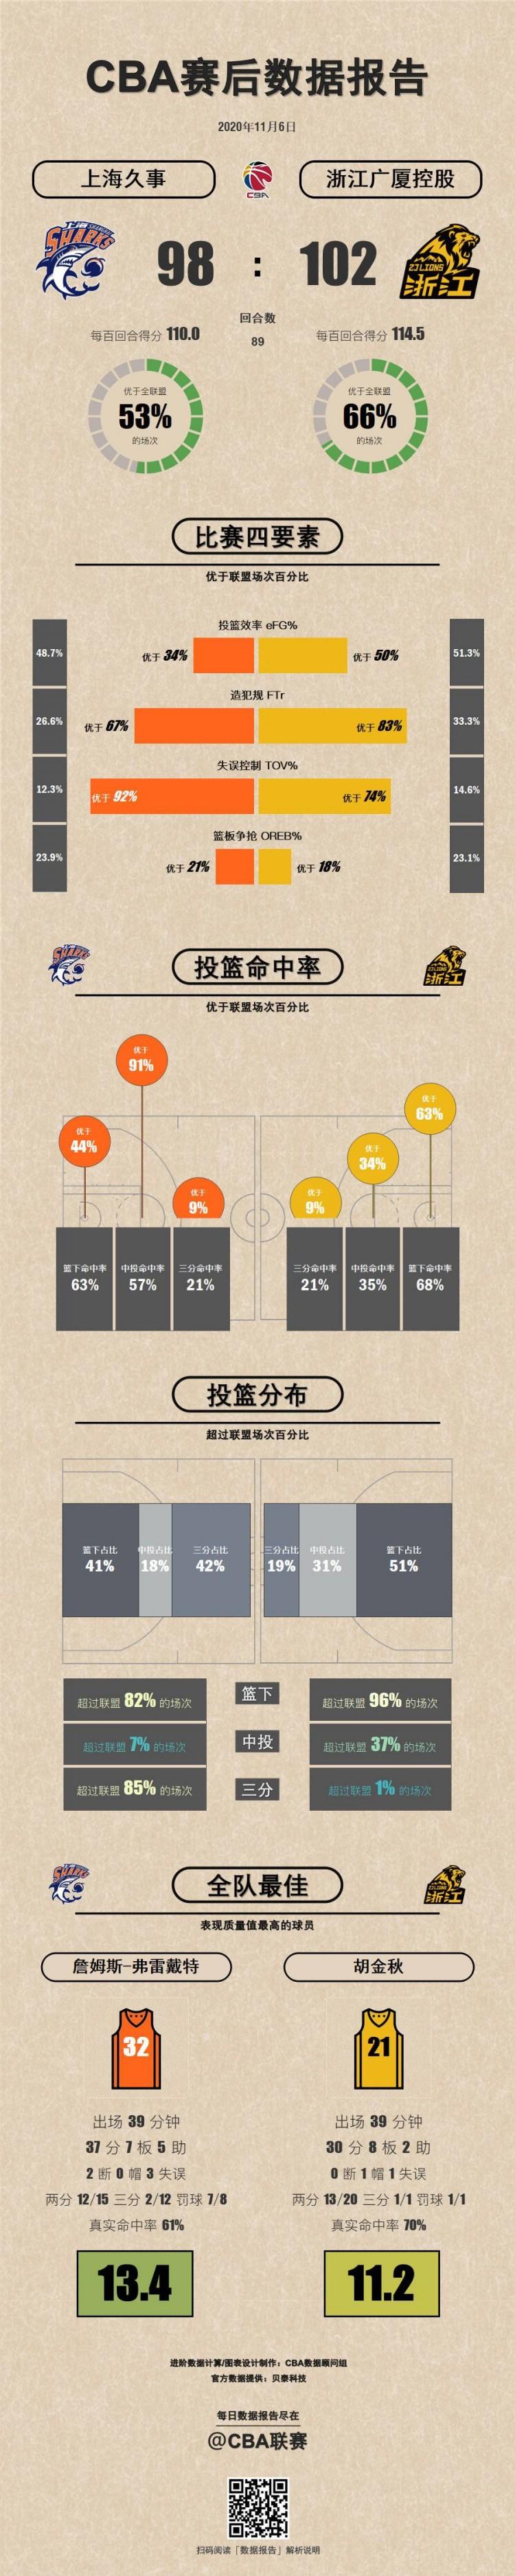 上海VS广厦数据报告:弗雷戴特&胡金秋表现质量值最高